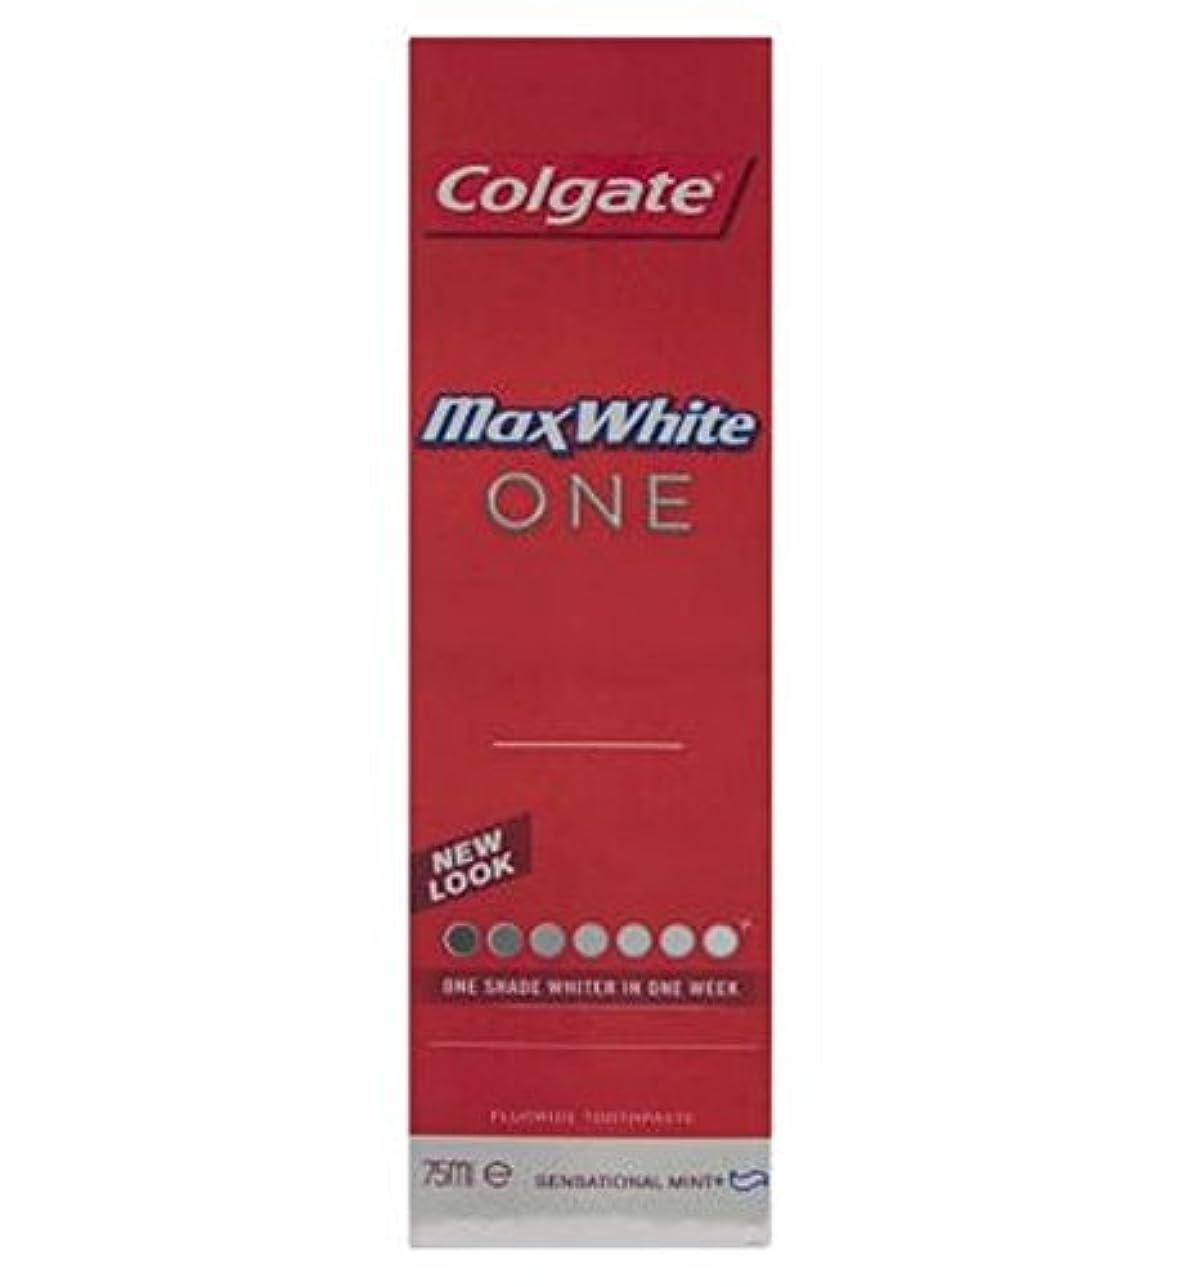 忍耐助言するびんColgate Max White One Fresh toothpaste 75ml - コルゲートマックスホワイト1新鮮な歯磨き粉75ミリリットル (Colgate) [並行輸入品]